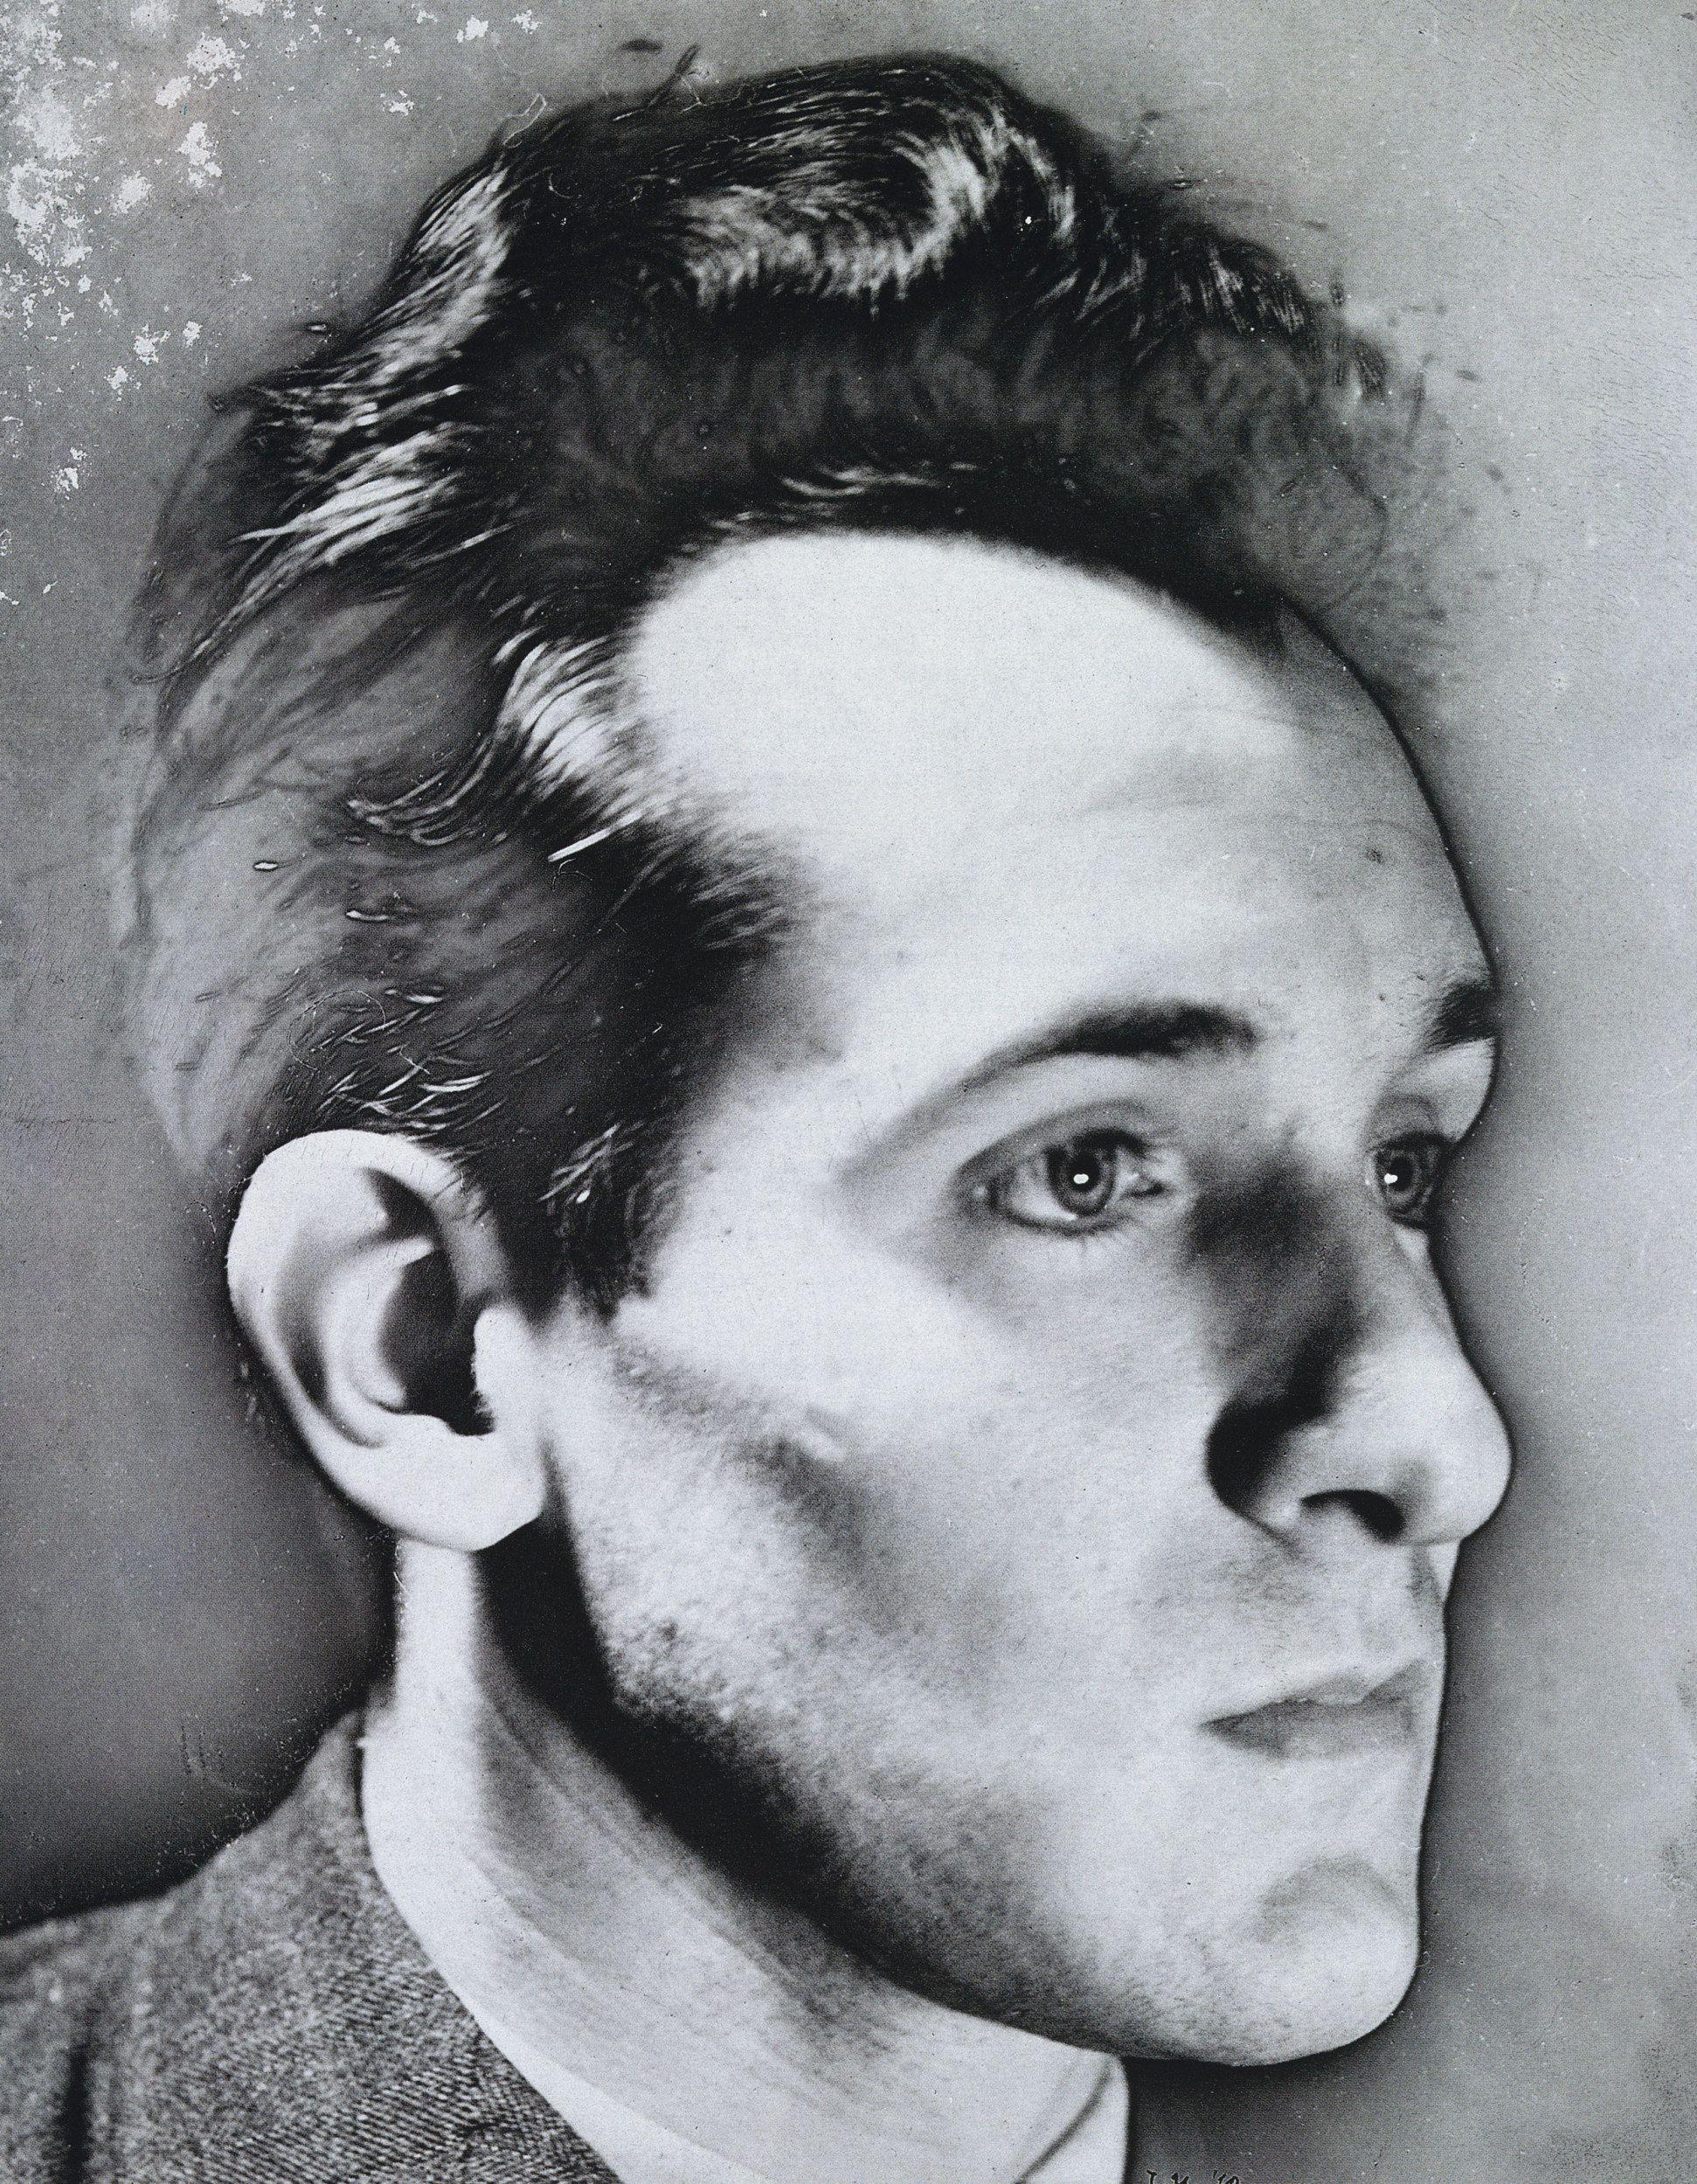 Raoul Ubac Autoportrait Solarise Solarized Self Portrait 1940